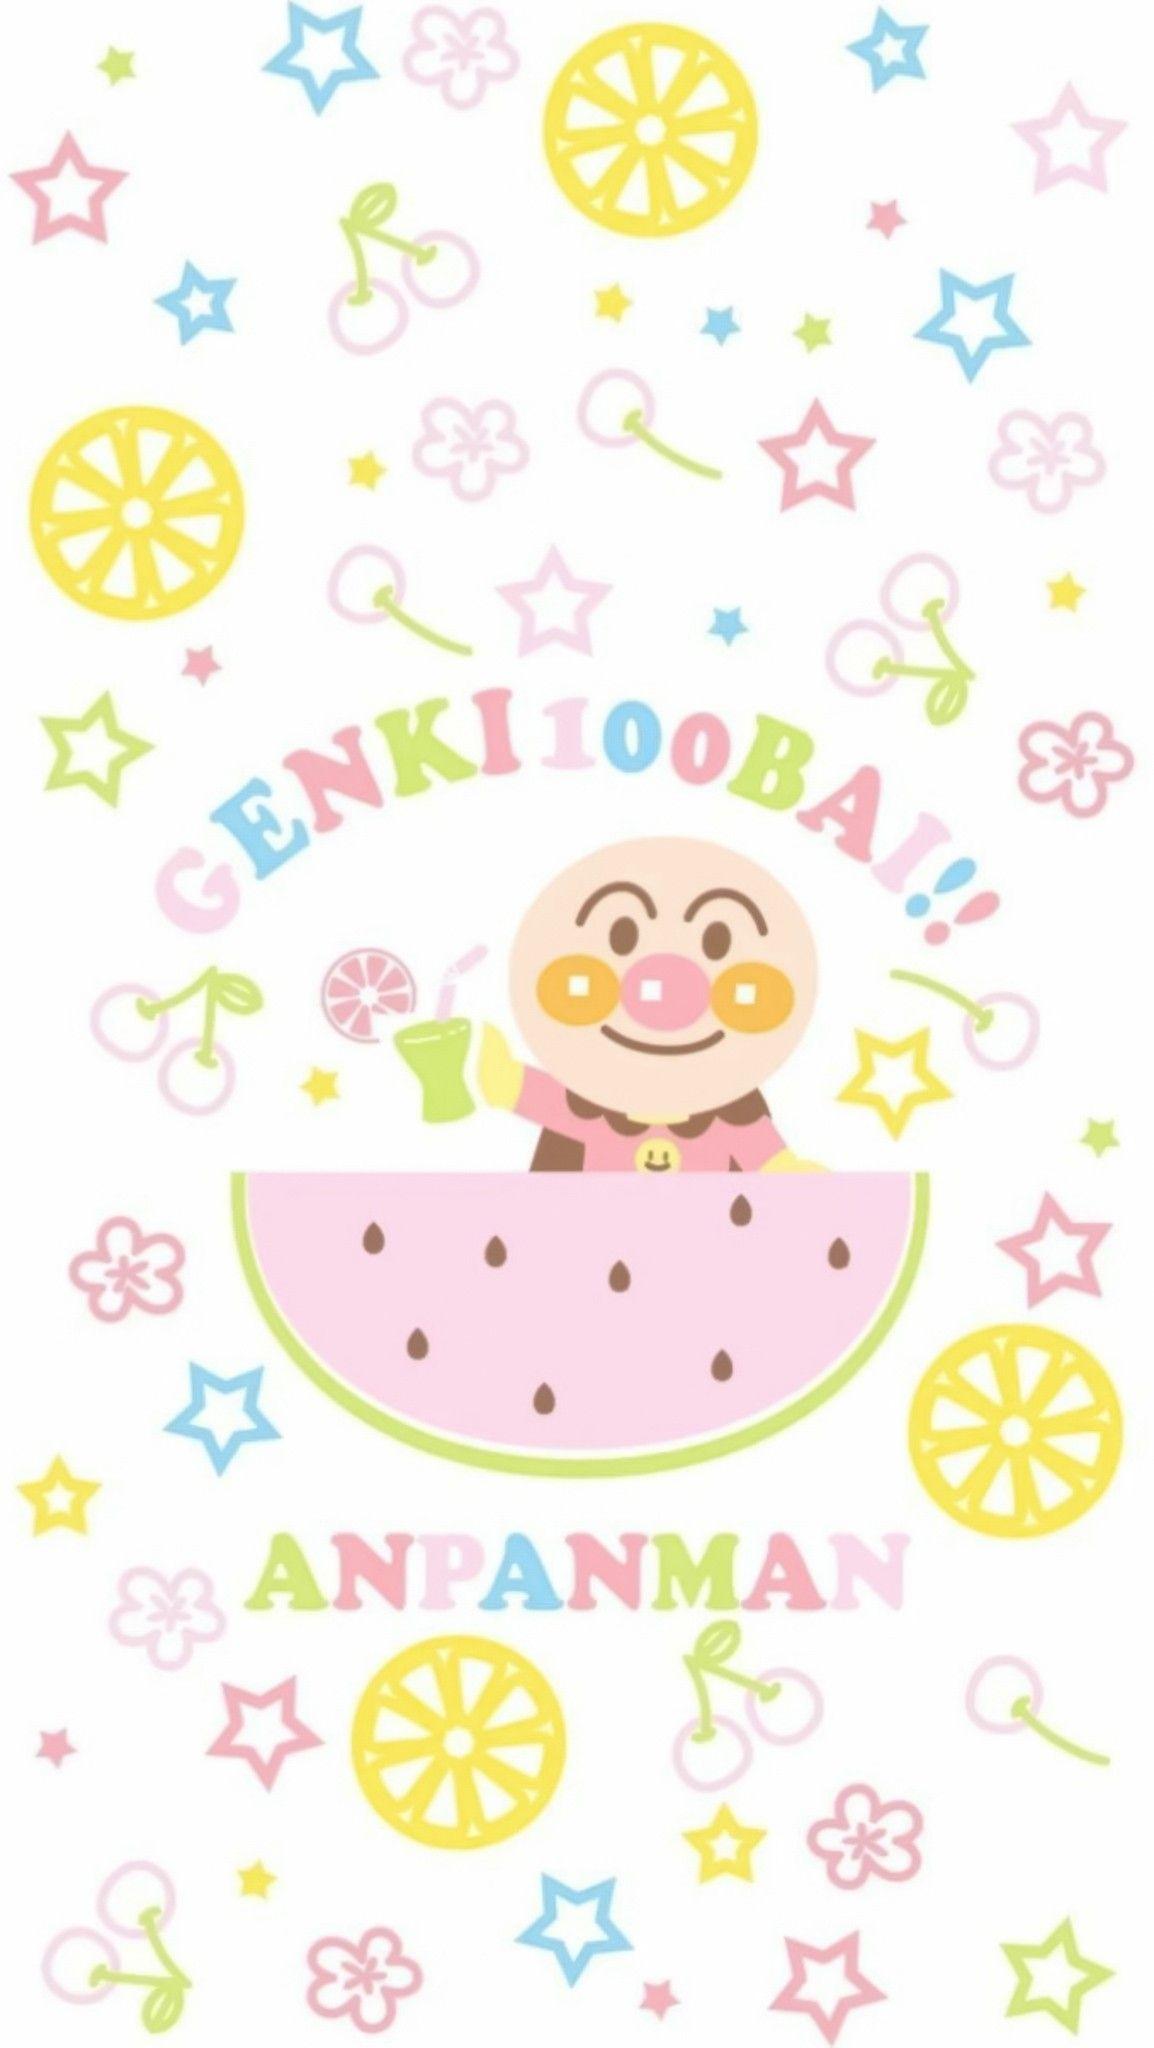 アンパンマン おしゃれまとめの人気アイデア Pinterest Ayako Kasai かわいい 壁紙 Iphone アンパンマン イラスト 壁紙 かわいい